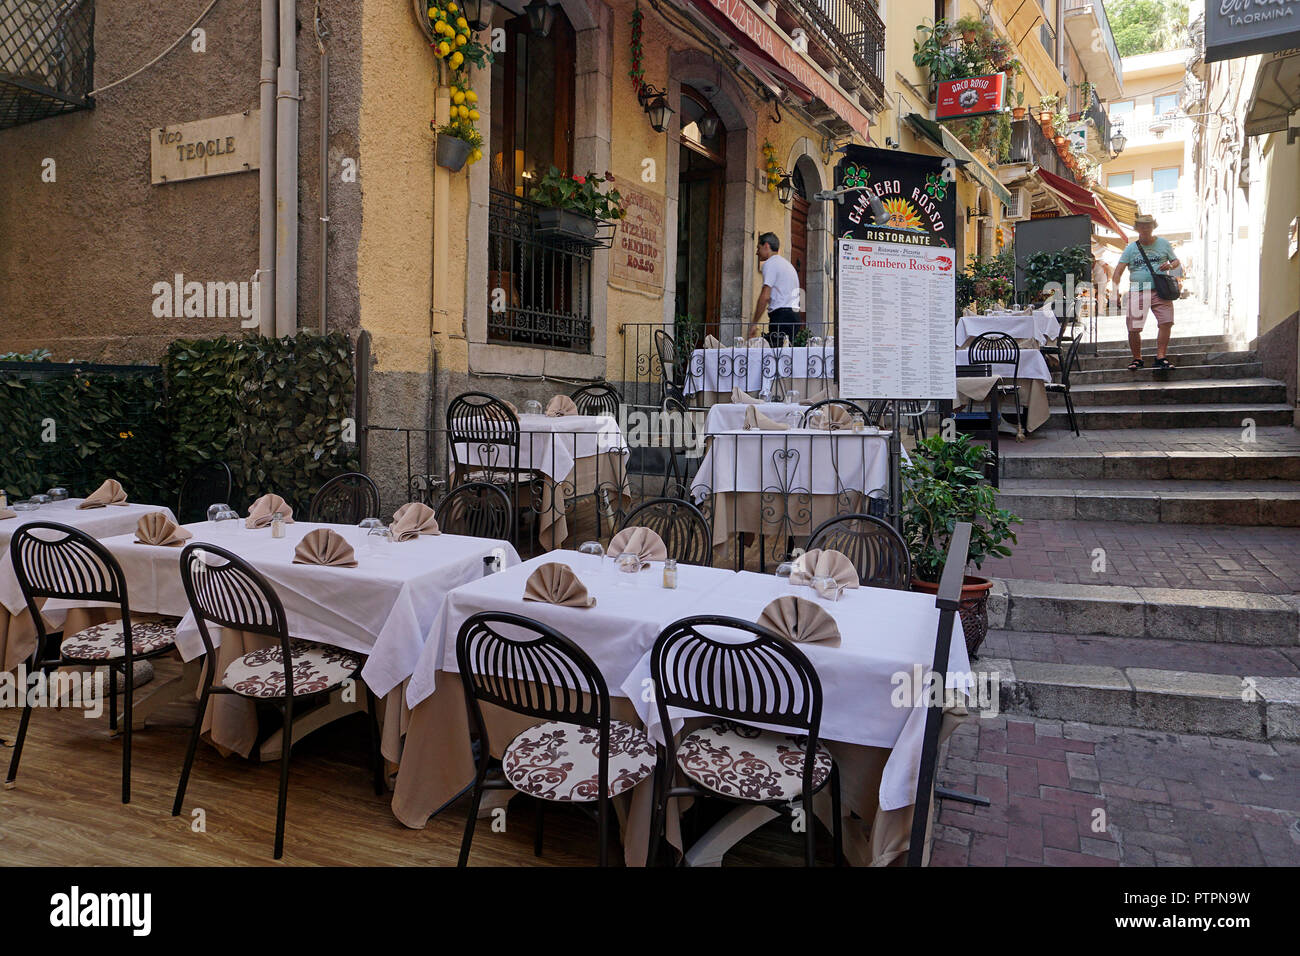 Idílico restaurante en un callejón del casco antiguo de Taormina, Sicilia, Italia Foto de stock